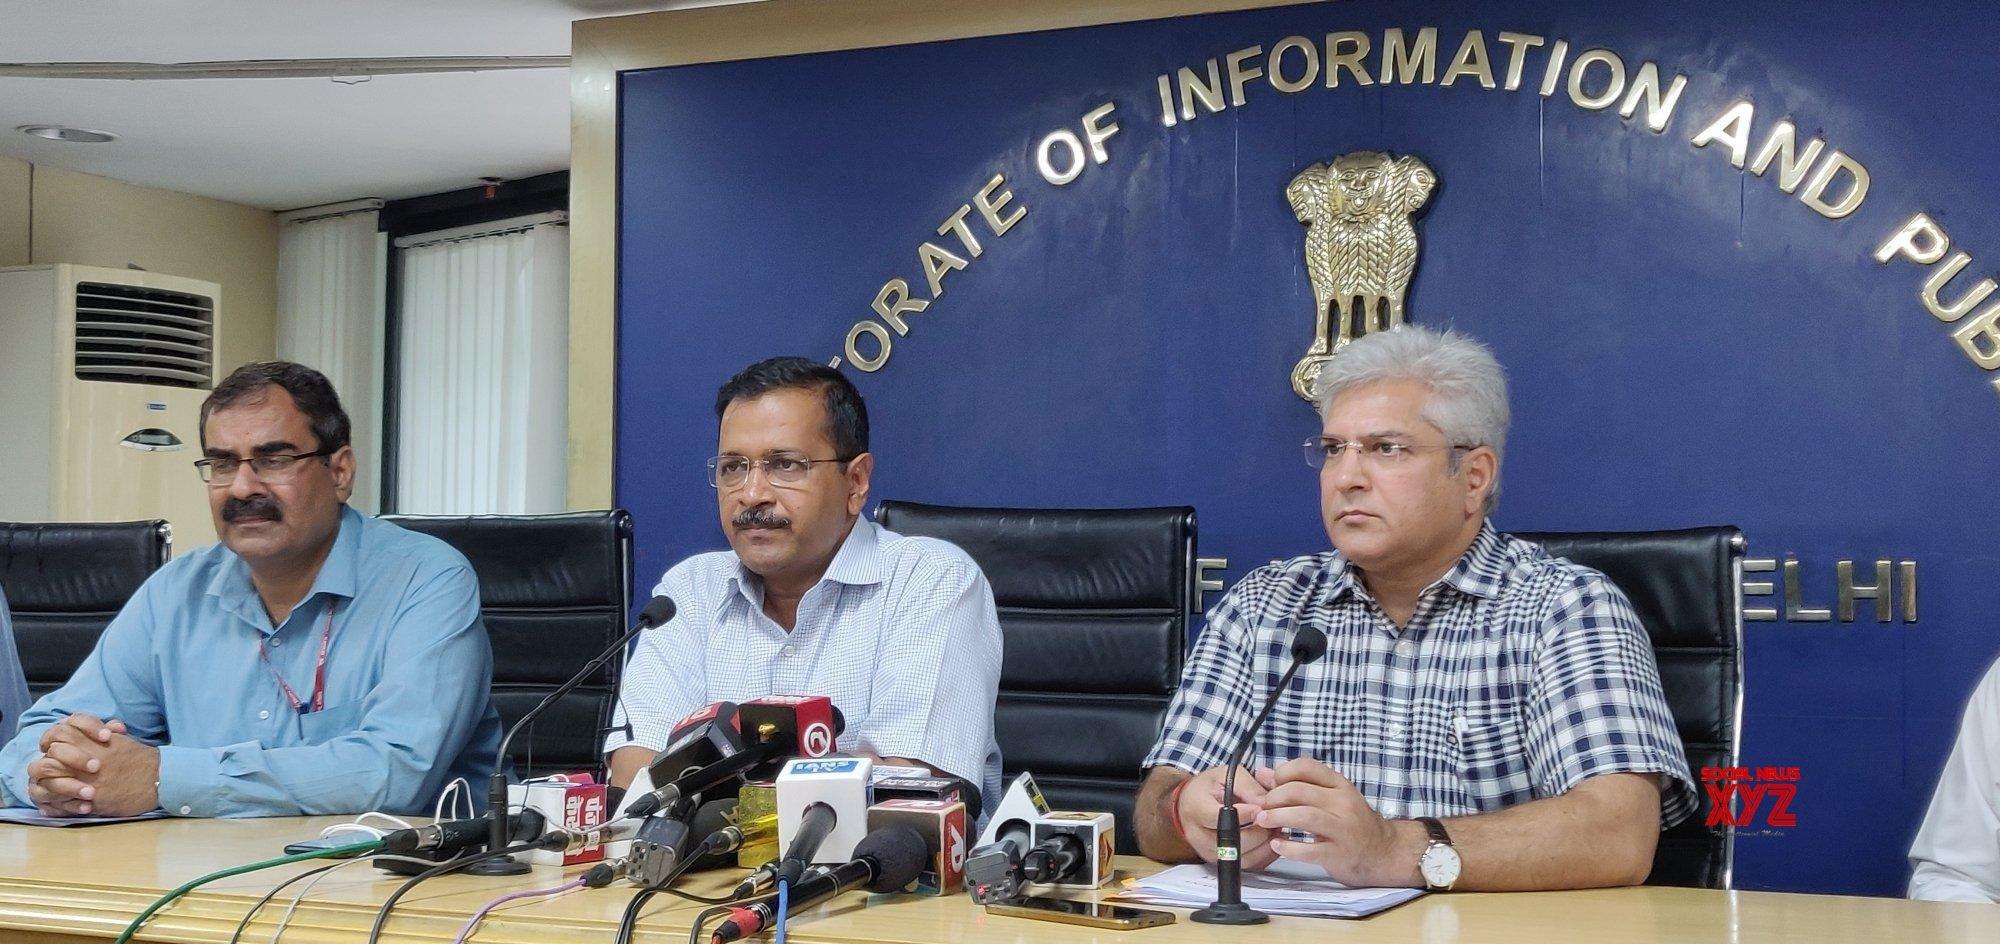 New Delhi: Arvind Kejriwal's press conference #Gallery